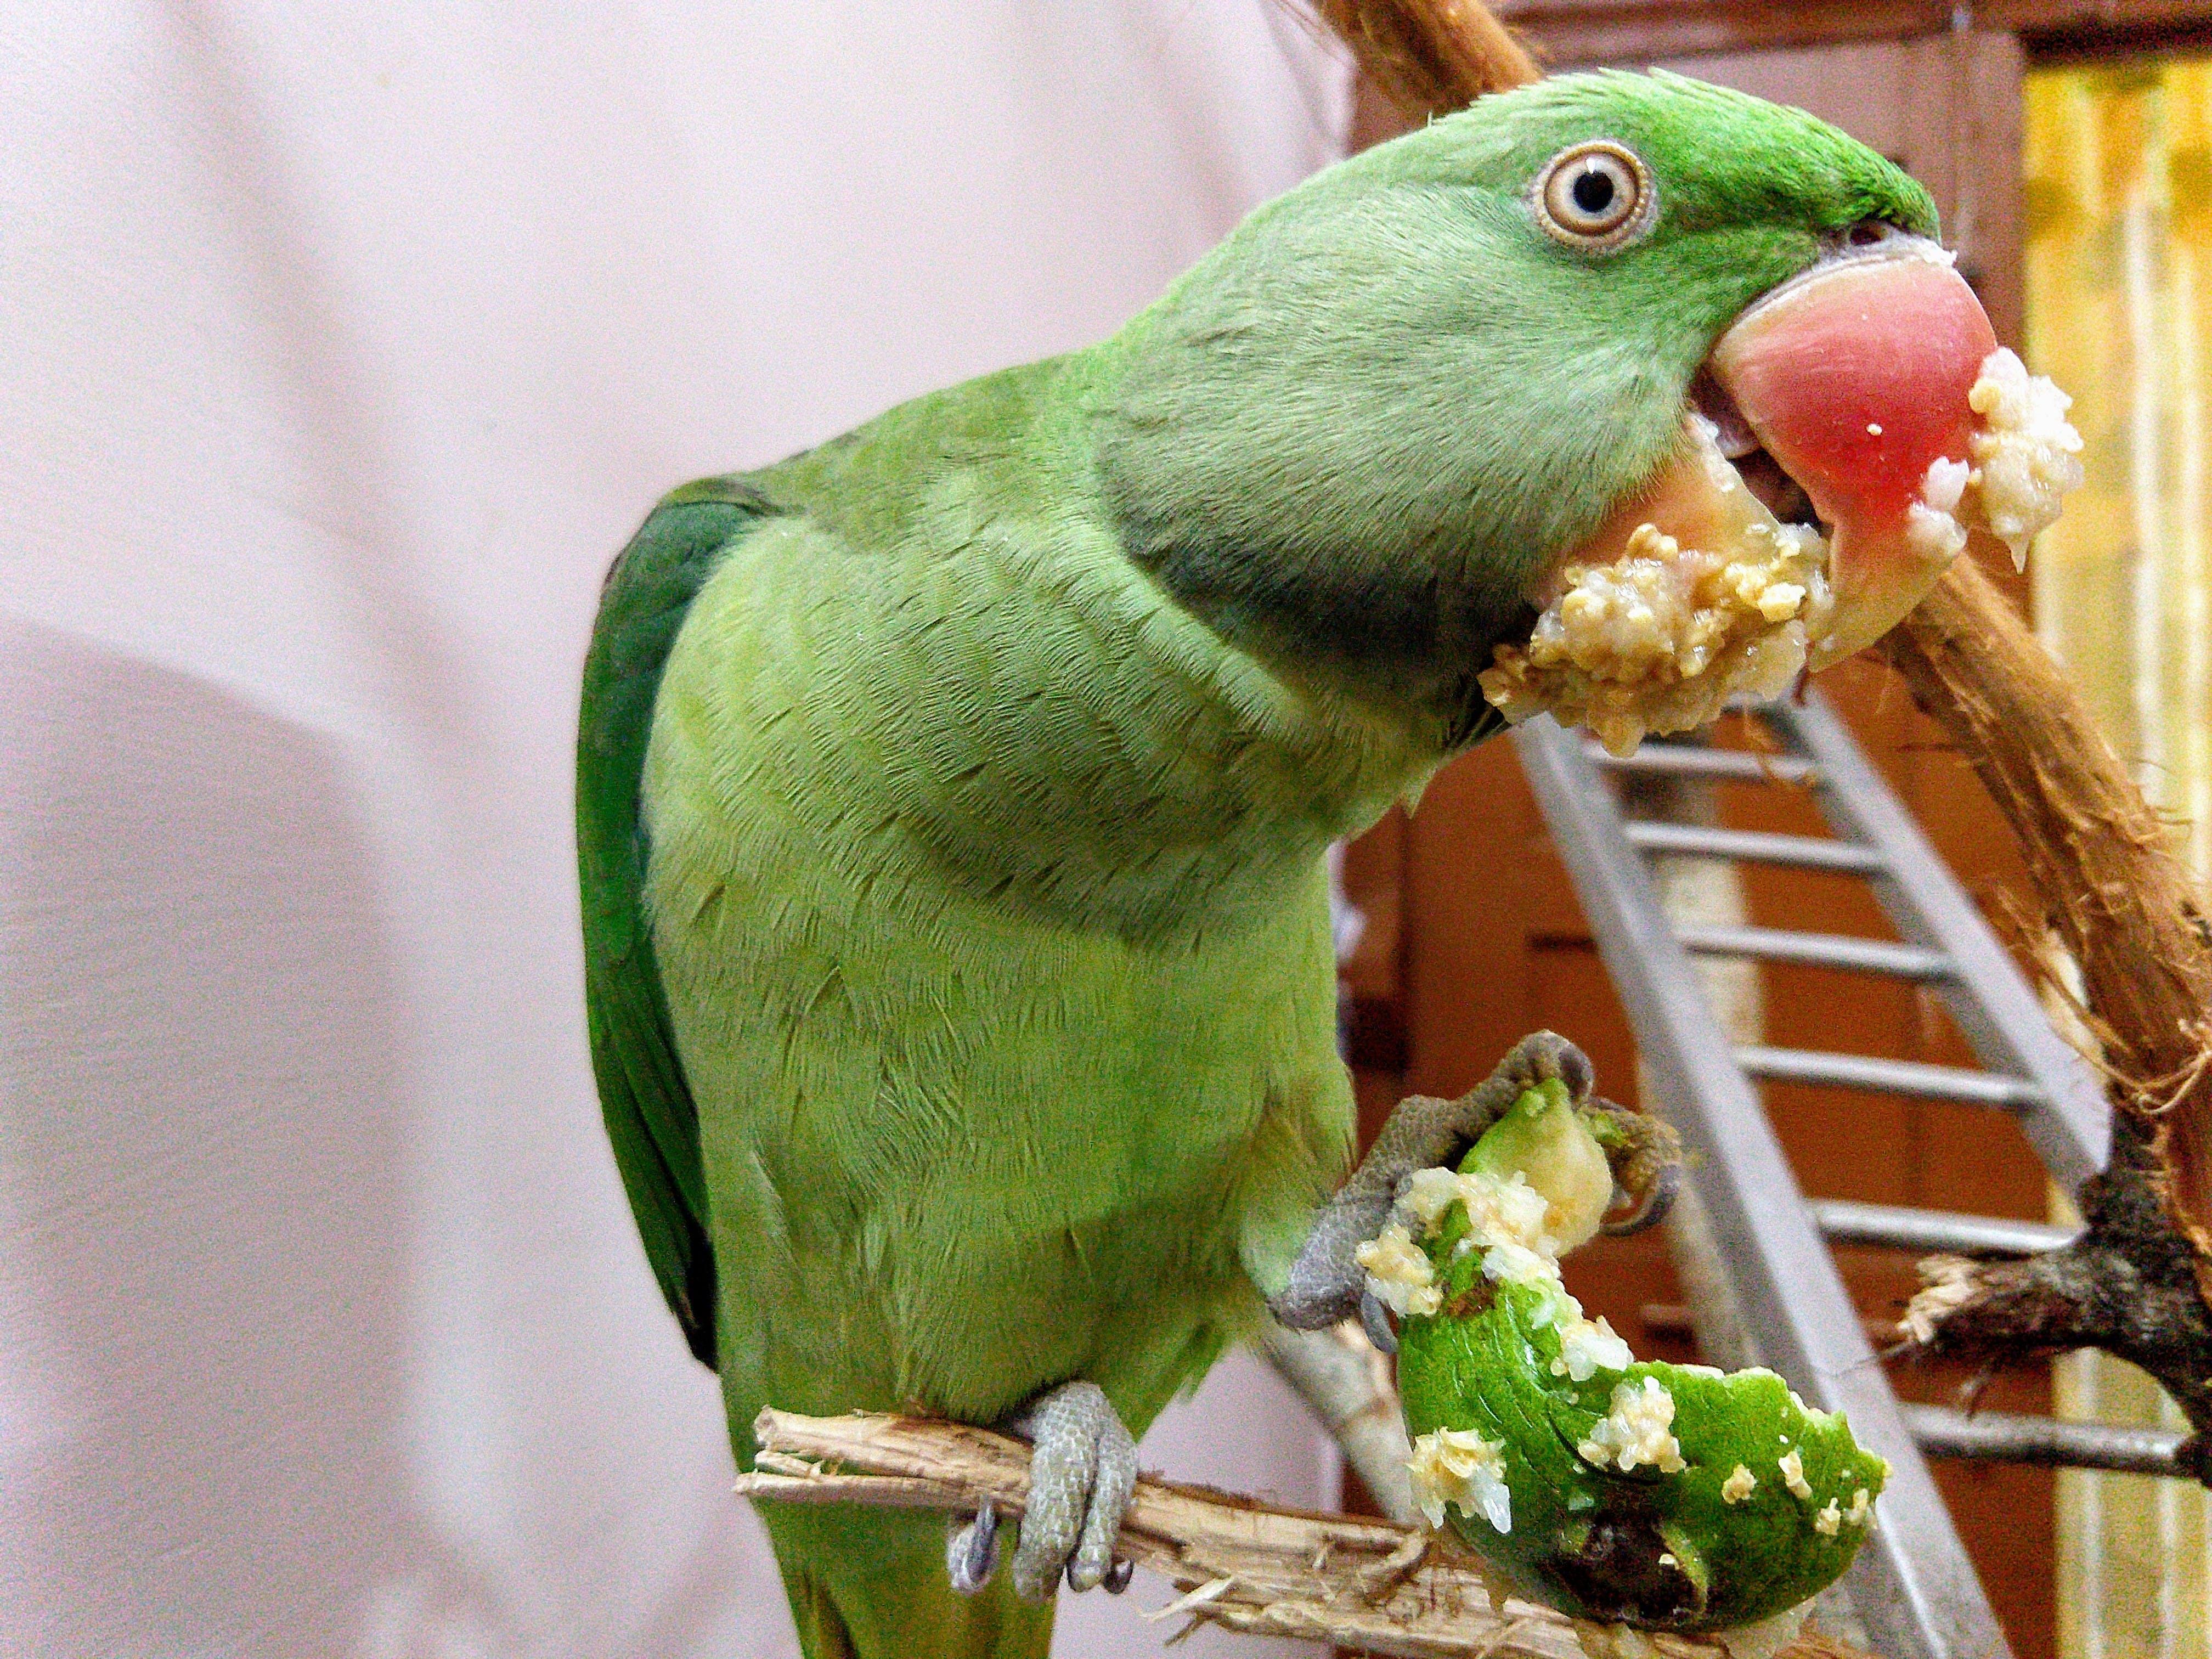 Gratis lagerfoto af papegøje, 👍